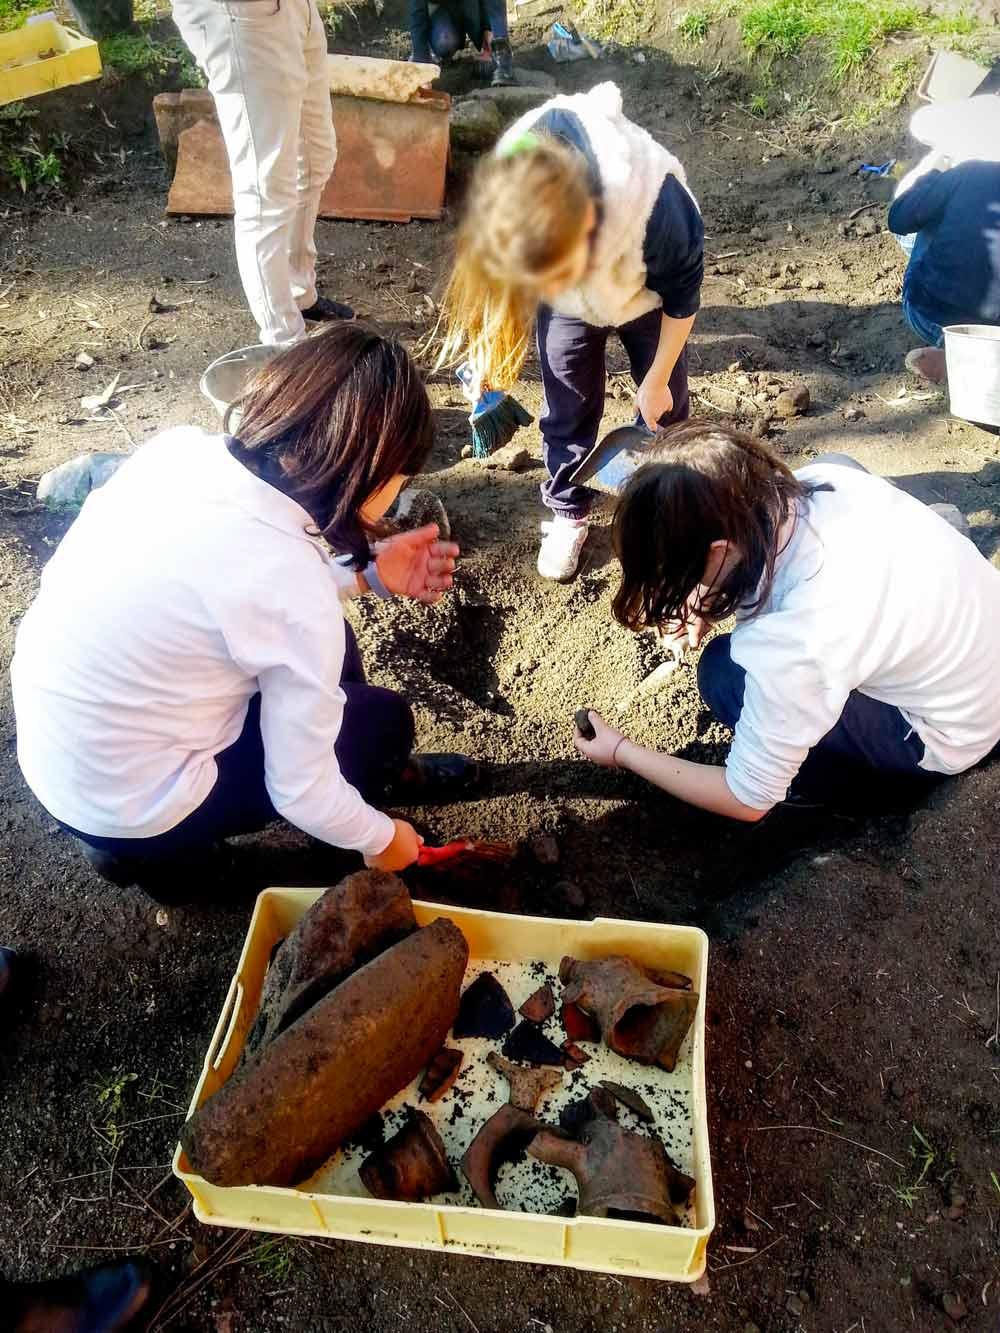 Museo Apr - Lo scavo archeologico - Laboratorio didattico_113537